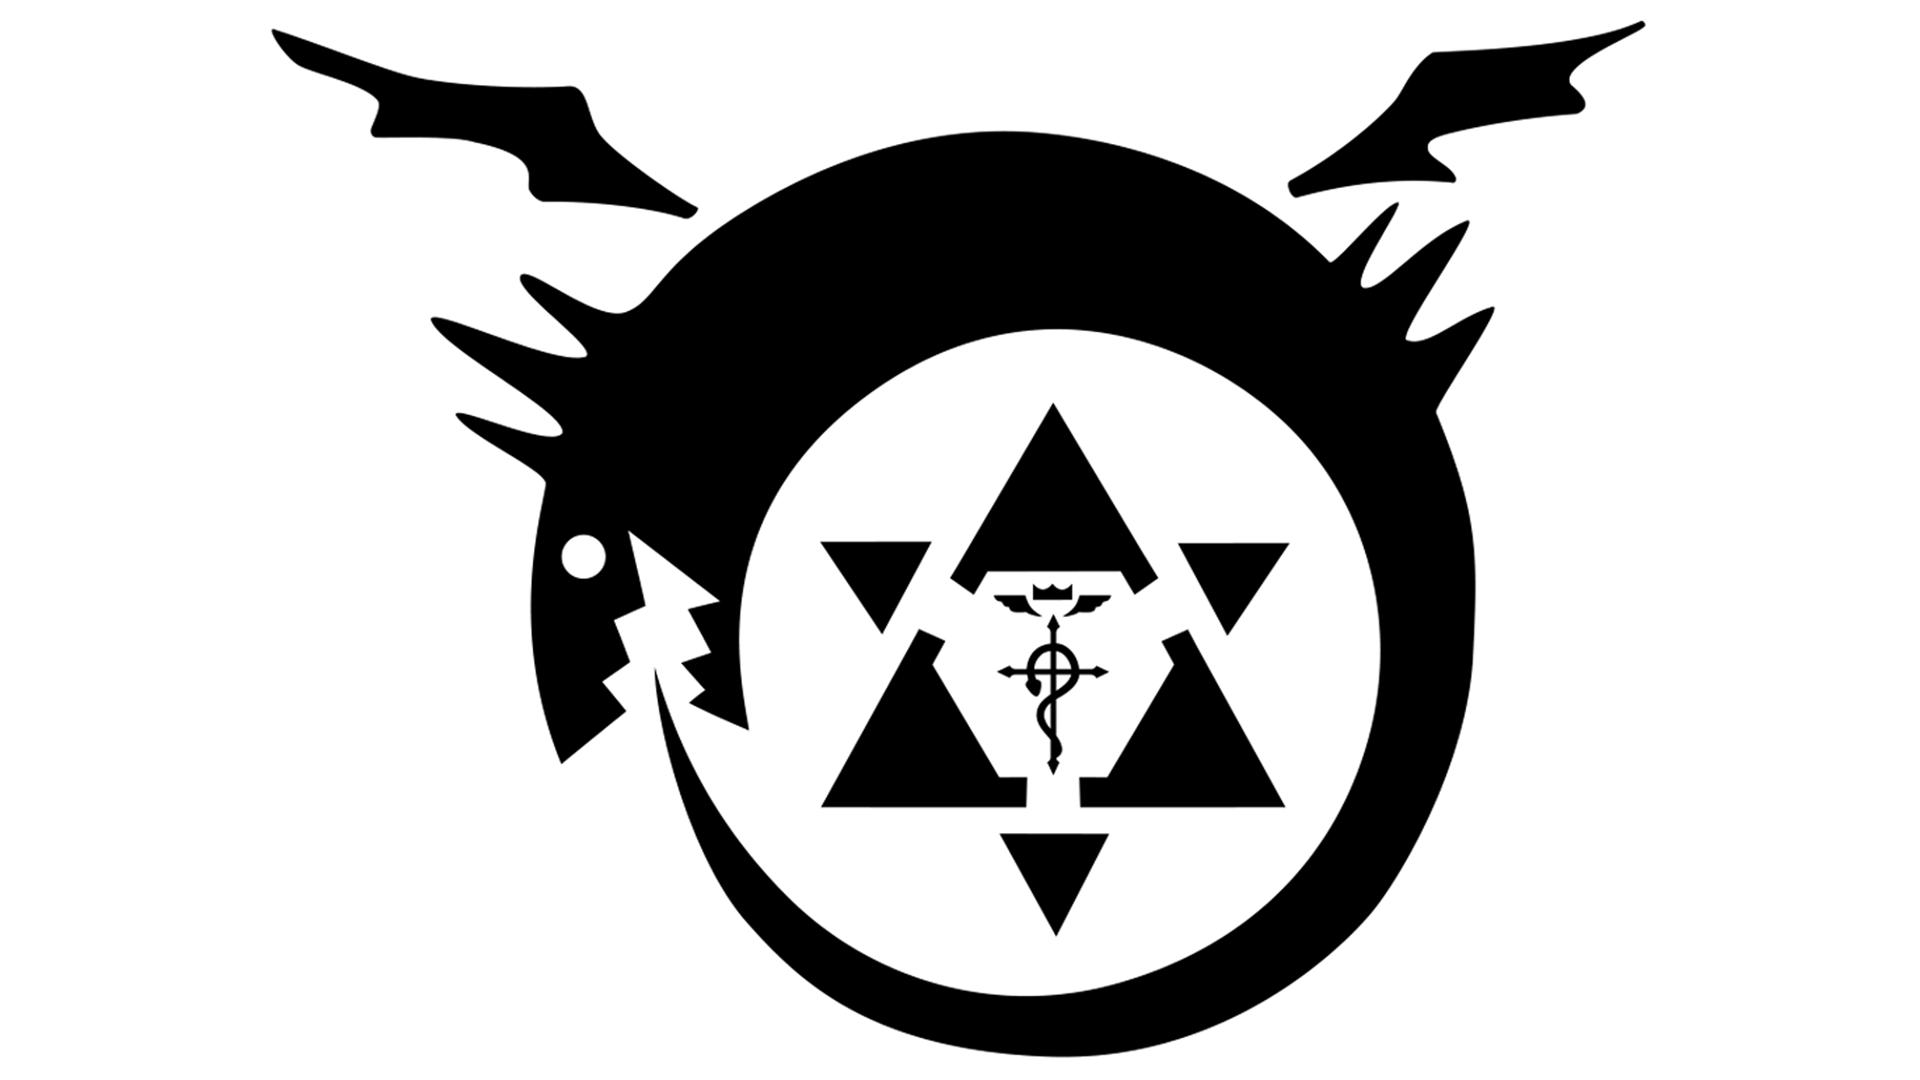 Fullmetal Alchemist HD Wallpapers